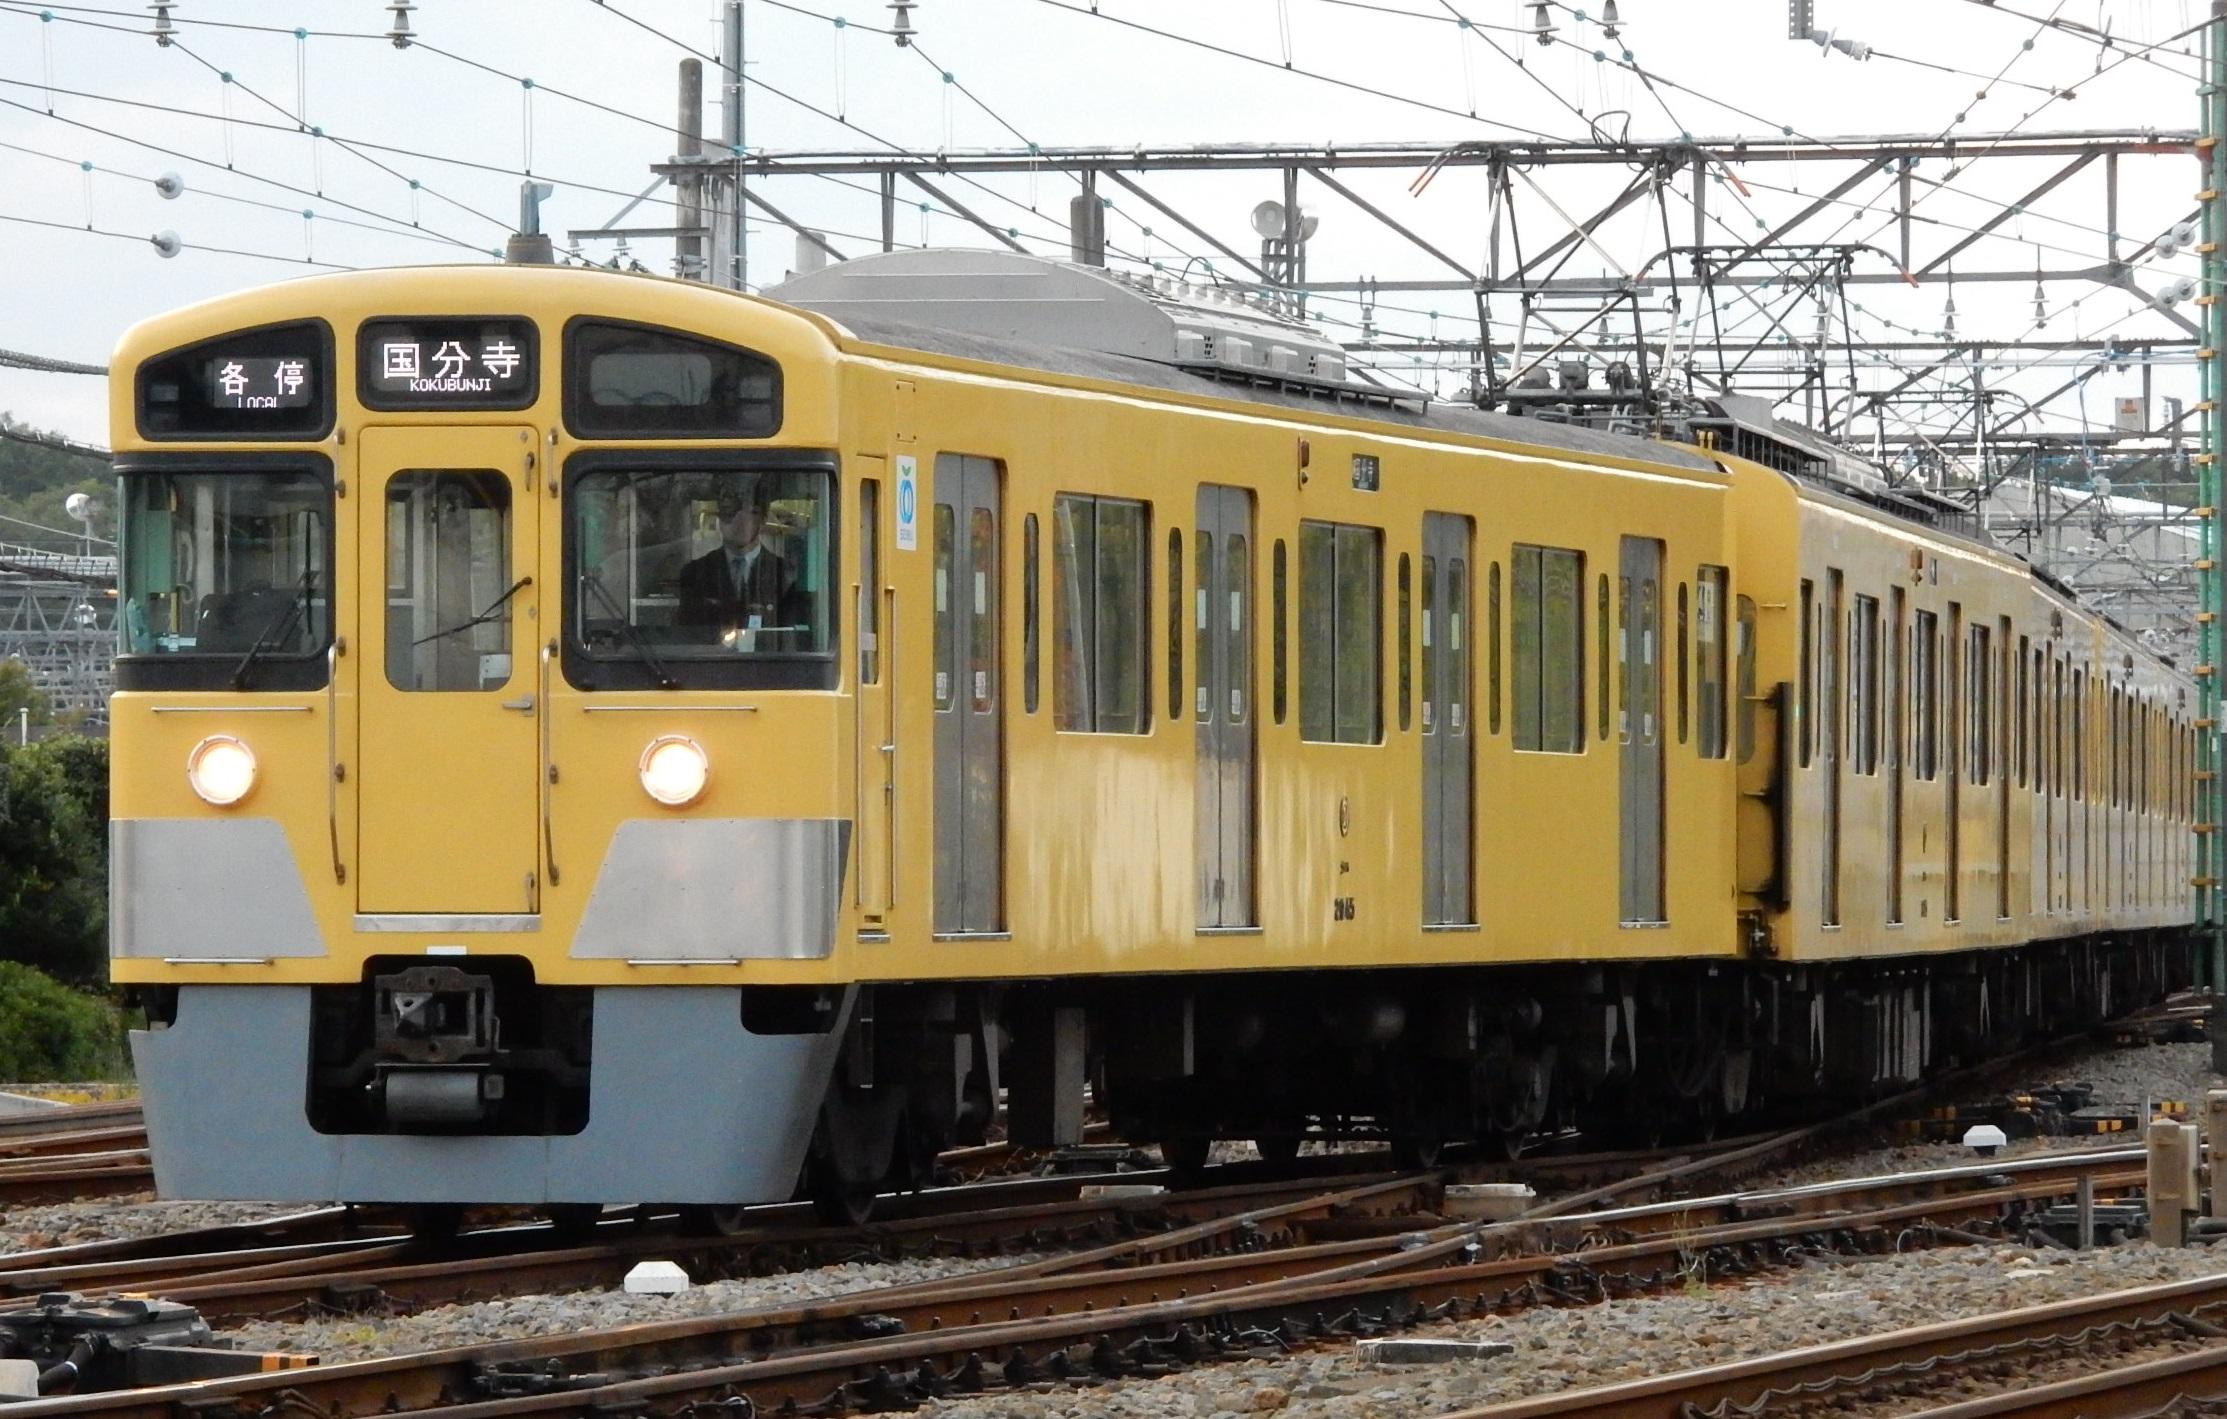 DSCN5904.jpg